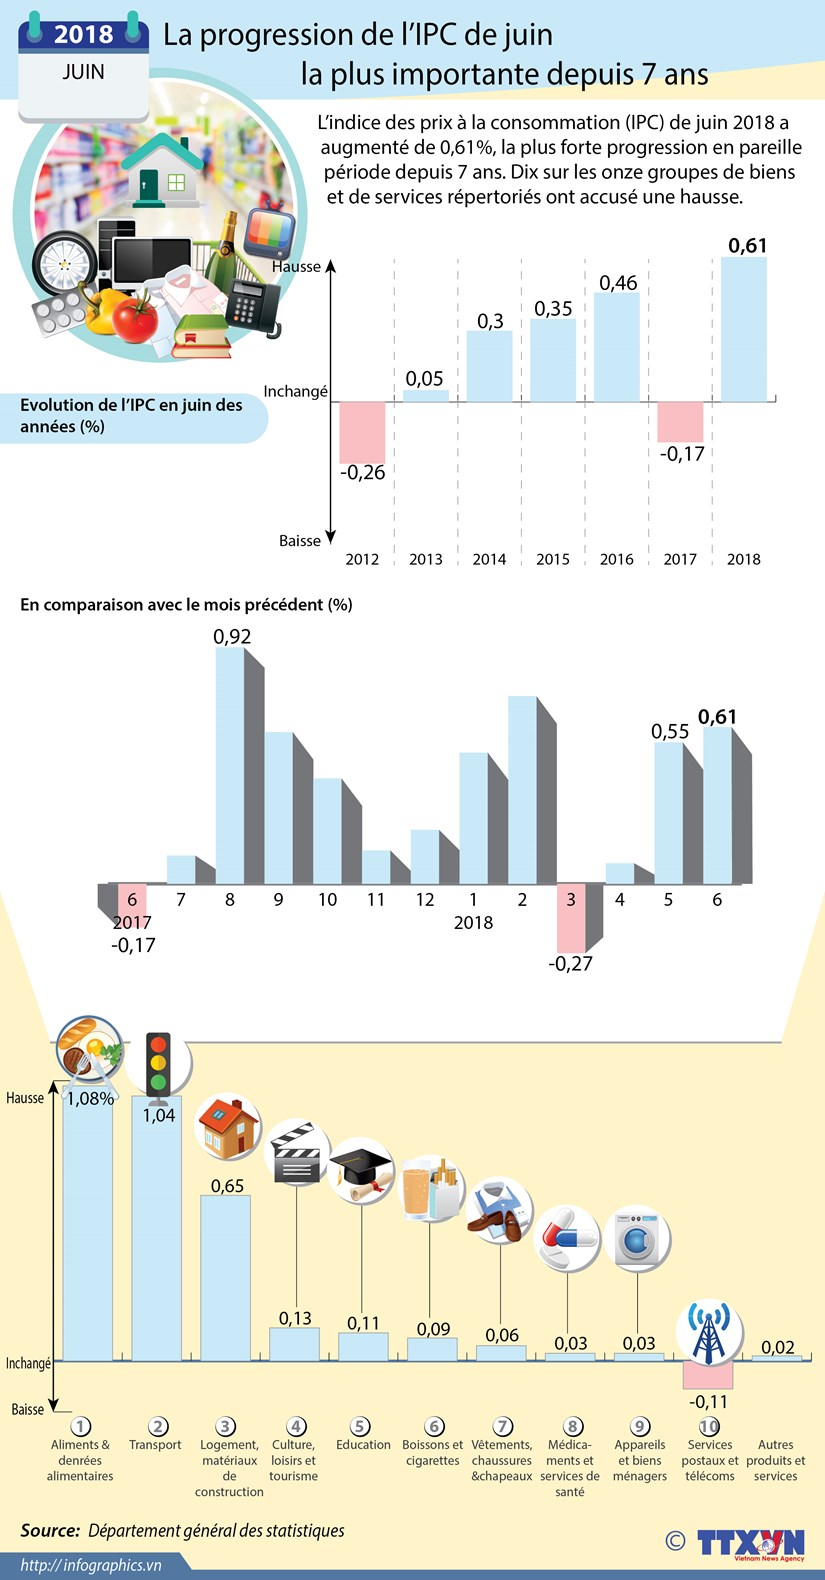 La progression de l'IPC de juin la plus importante depuis 7 ans hinh anh 1